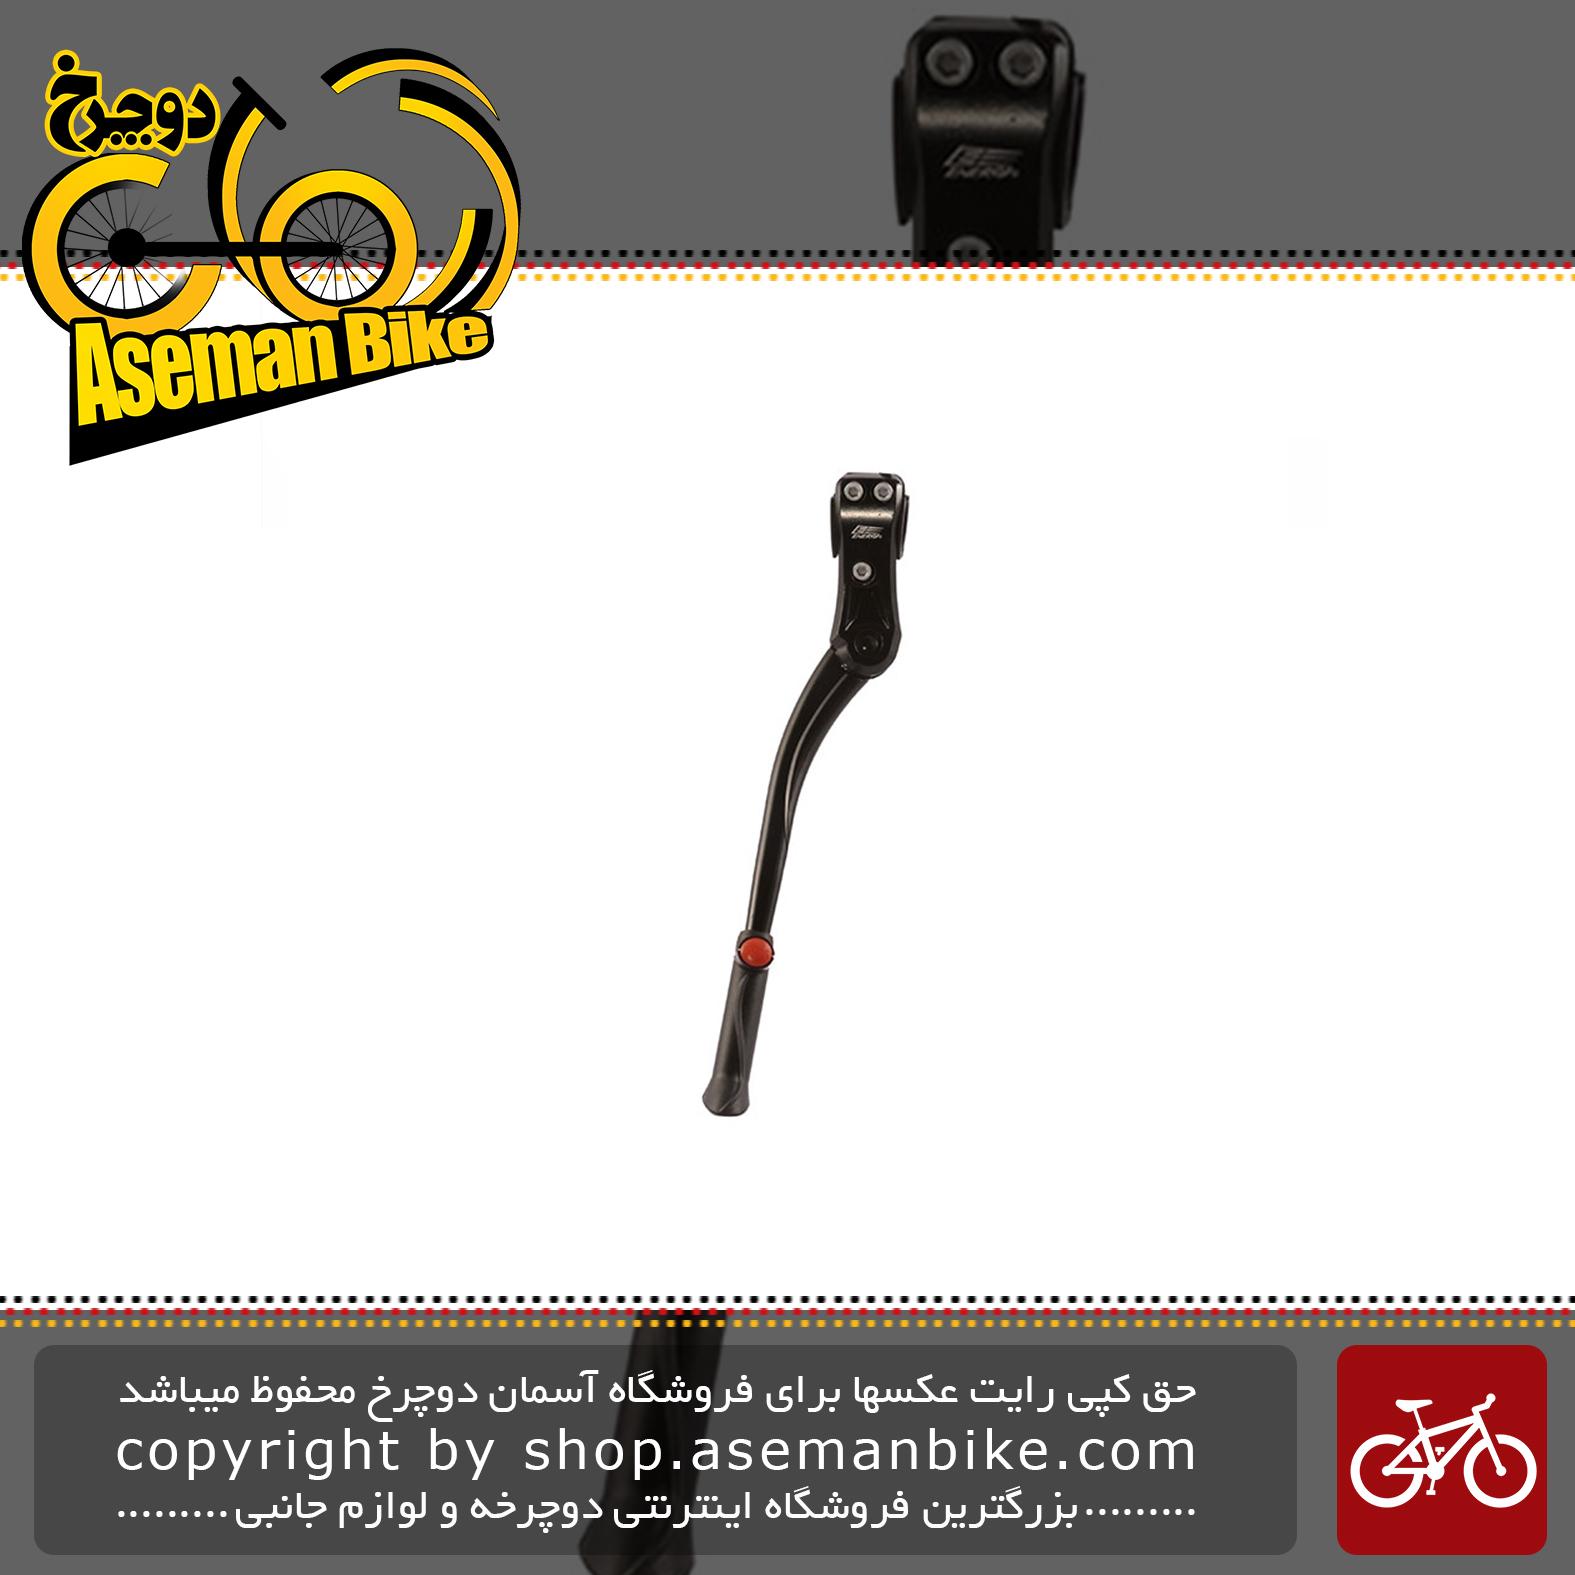 جک دوچرخه انرژی مدل سی ال -کا 69 Stand Bicycle CL-KA69